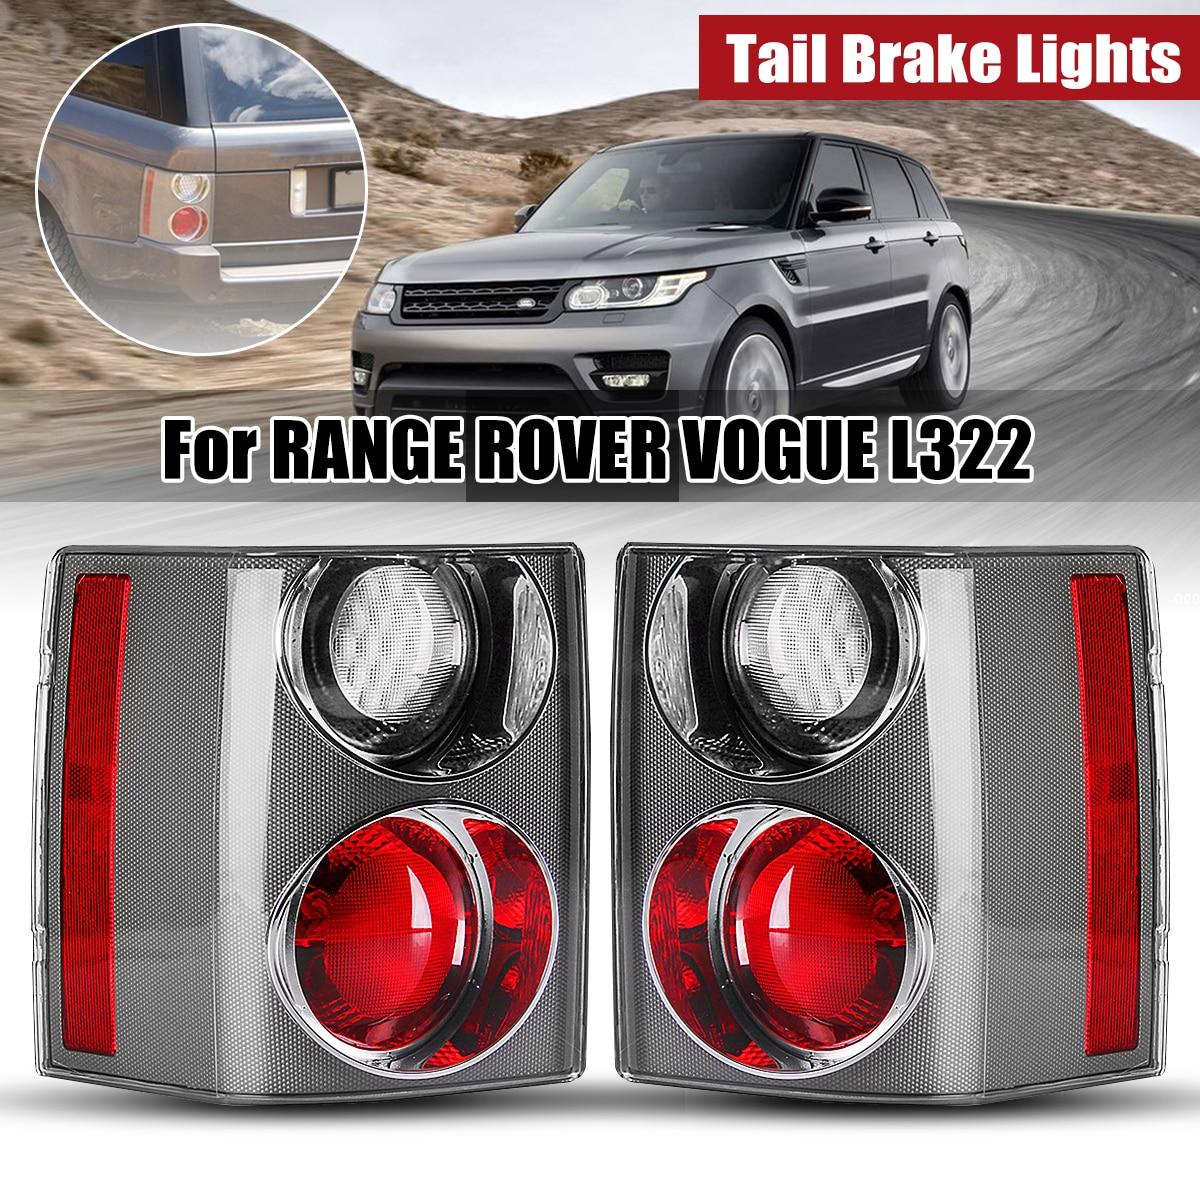 1 paire Queue feu stop Arrière Queue feux de freinage Brouillard Lumière Pare-chocs Réflecteur Pour Land Rover Lumière GAMME VOGUE L322 2002- 2009